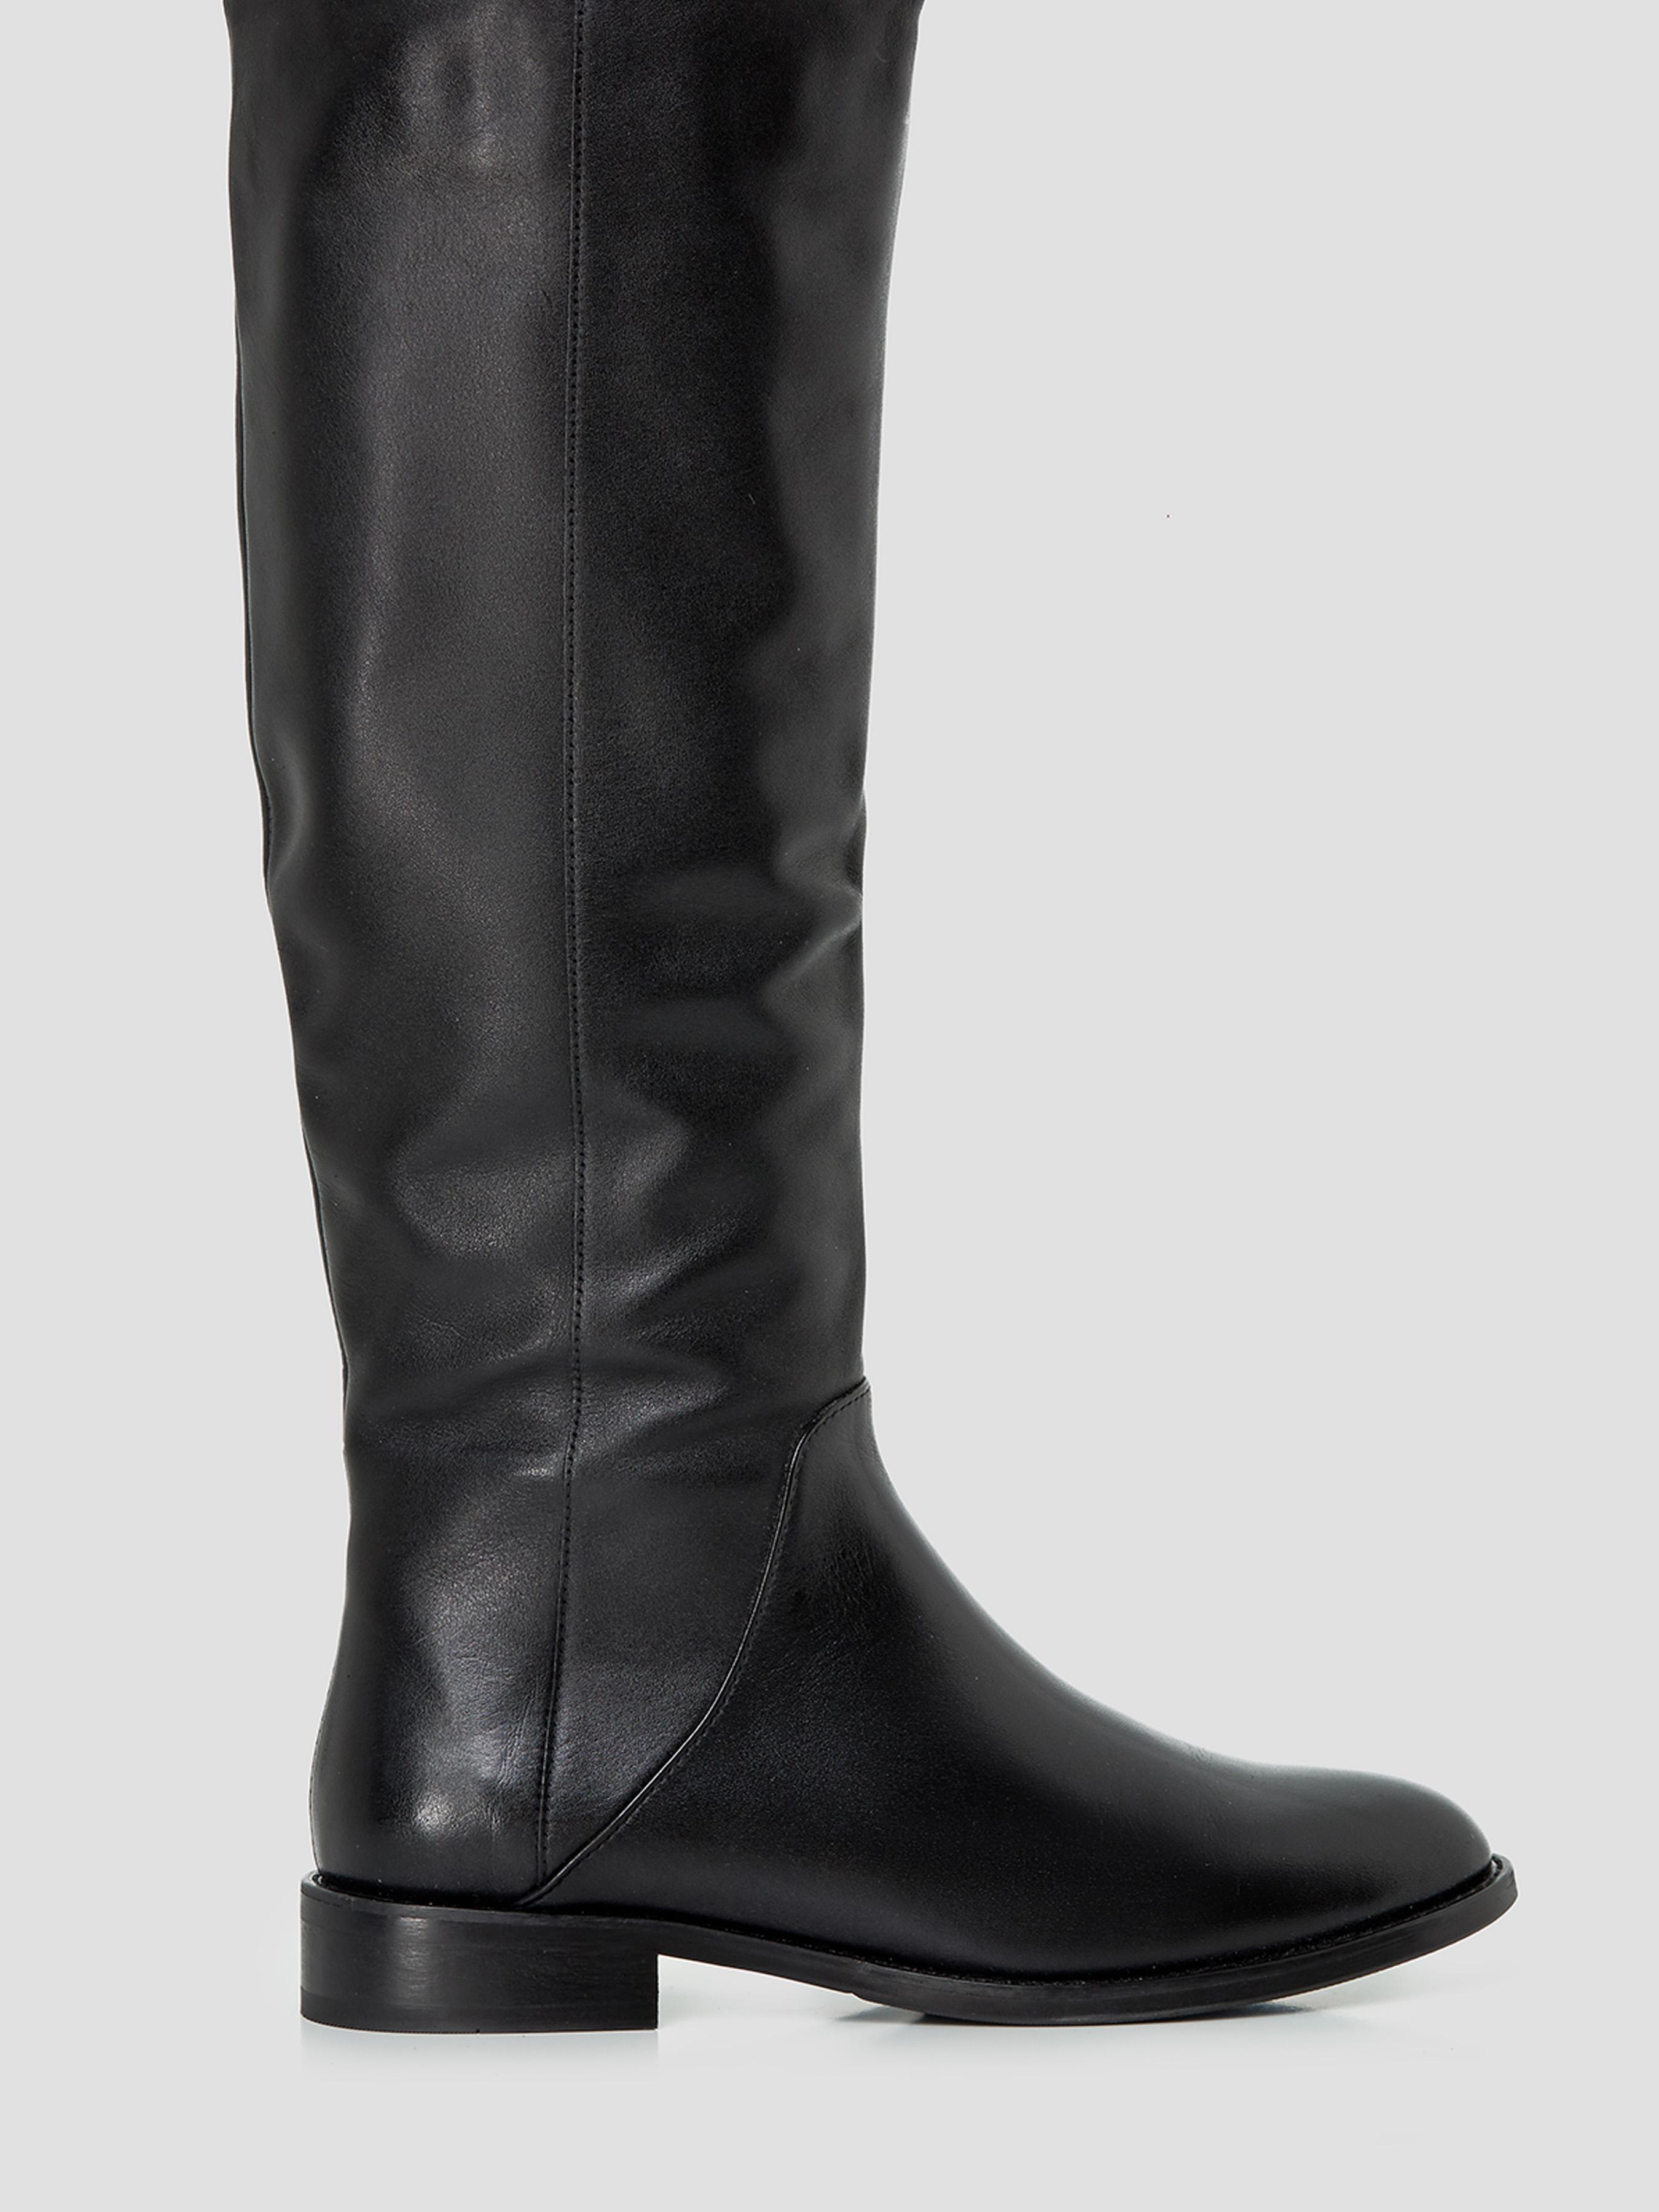 Купить Сапоги женские Зимние сапоги из кожи черного цвета SP003KJN1EVRM91, Natali Bolgar, Черный